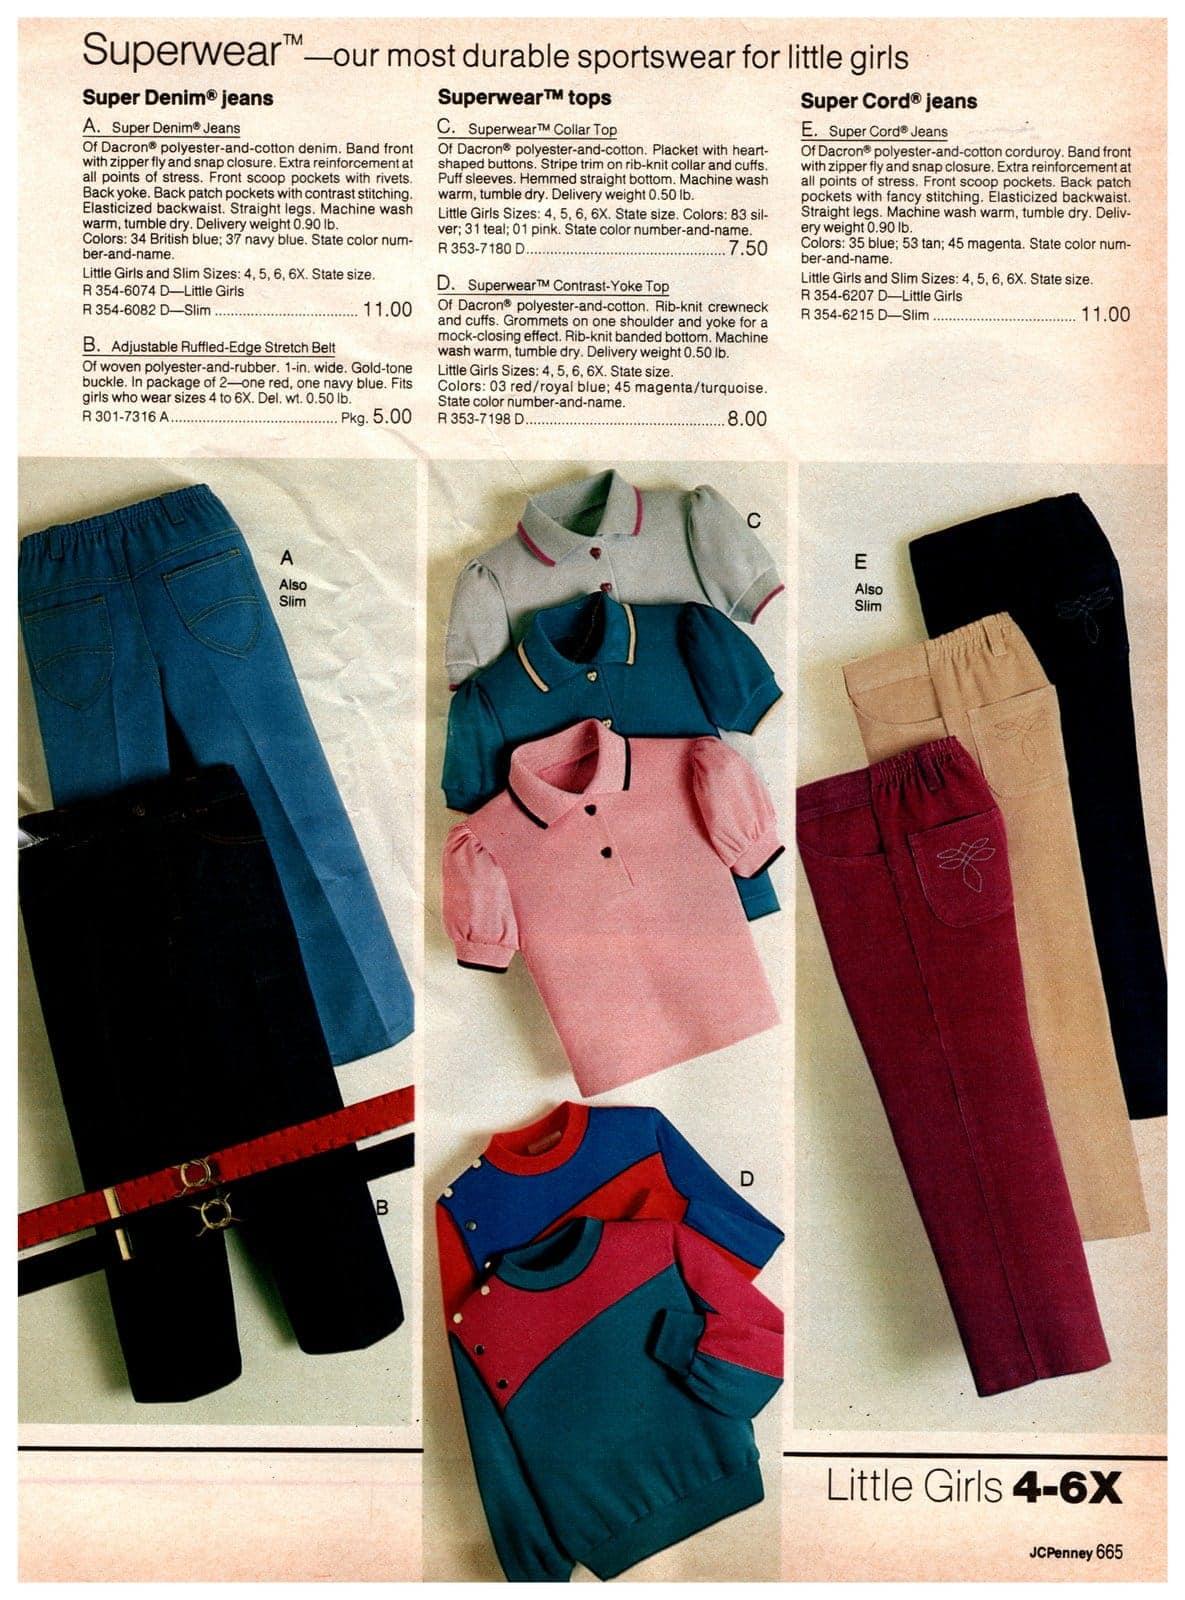 Superwear - durable sportswear for little girls